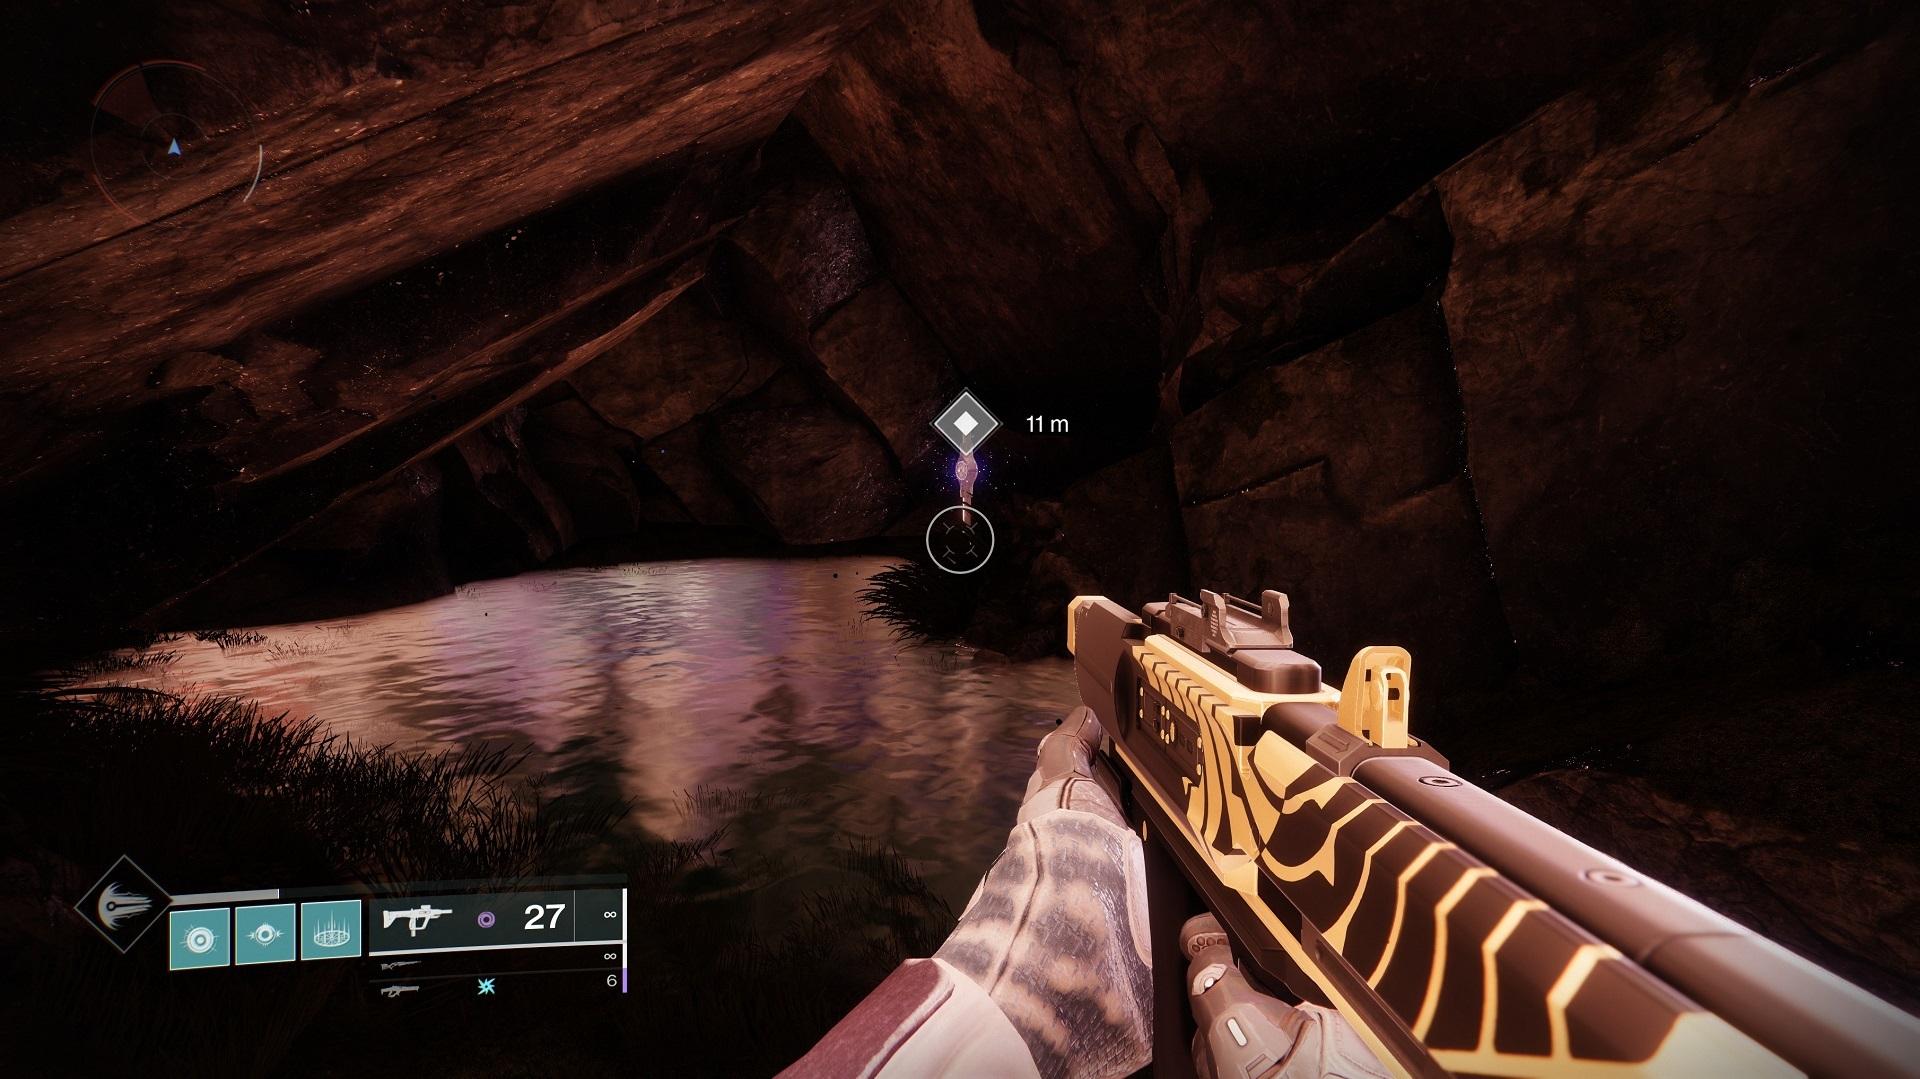 Você encontrará o Atlas Skew dentro, mas você pode ter que lutar contra alguns inimigos para chegar até ele.